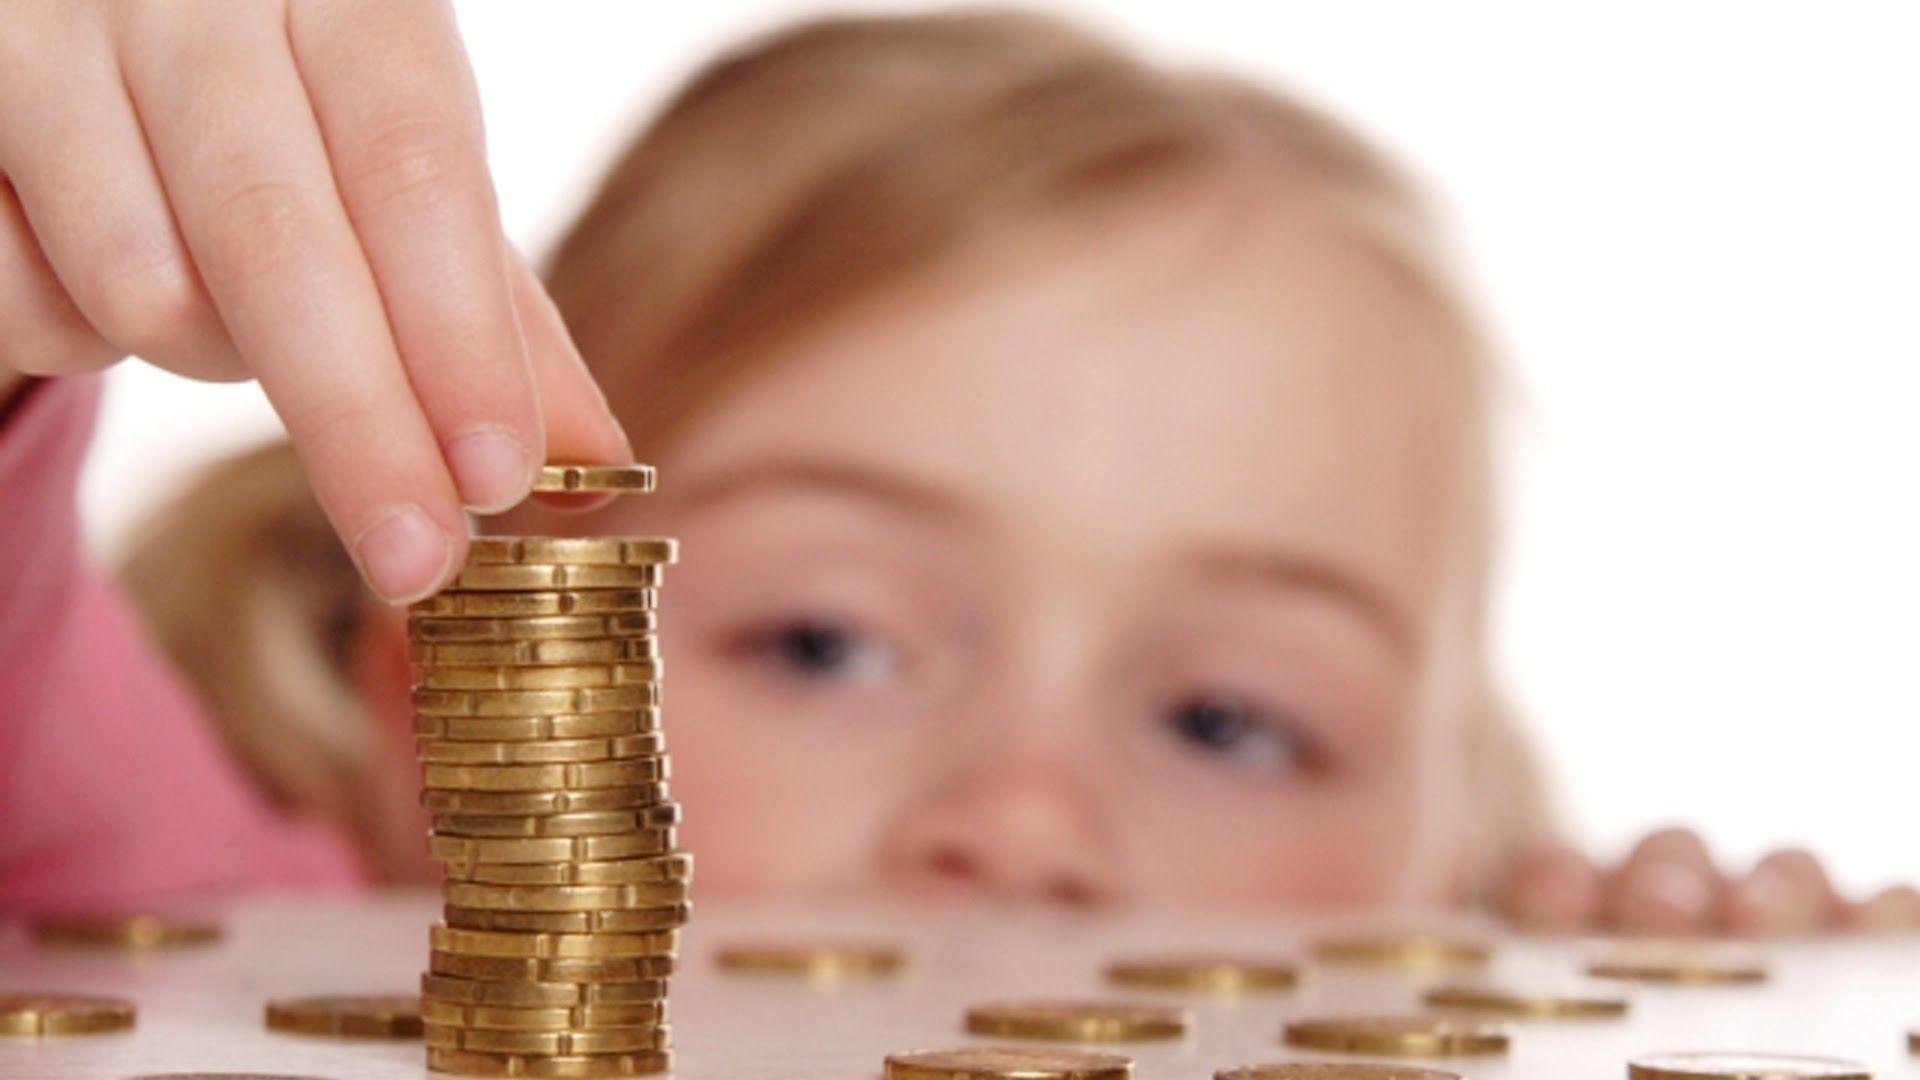 Ребенок строит пирамидку из монет